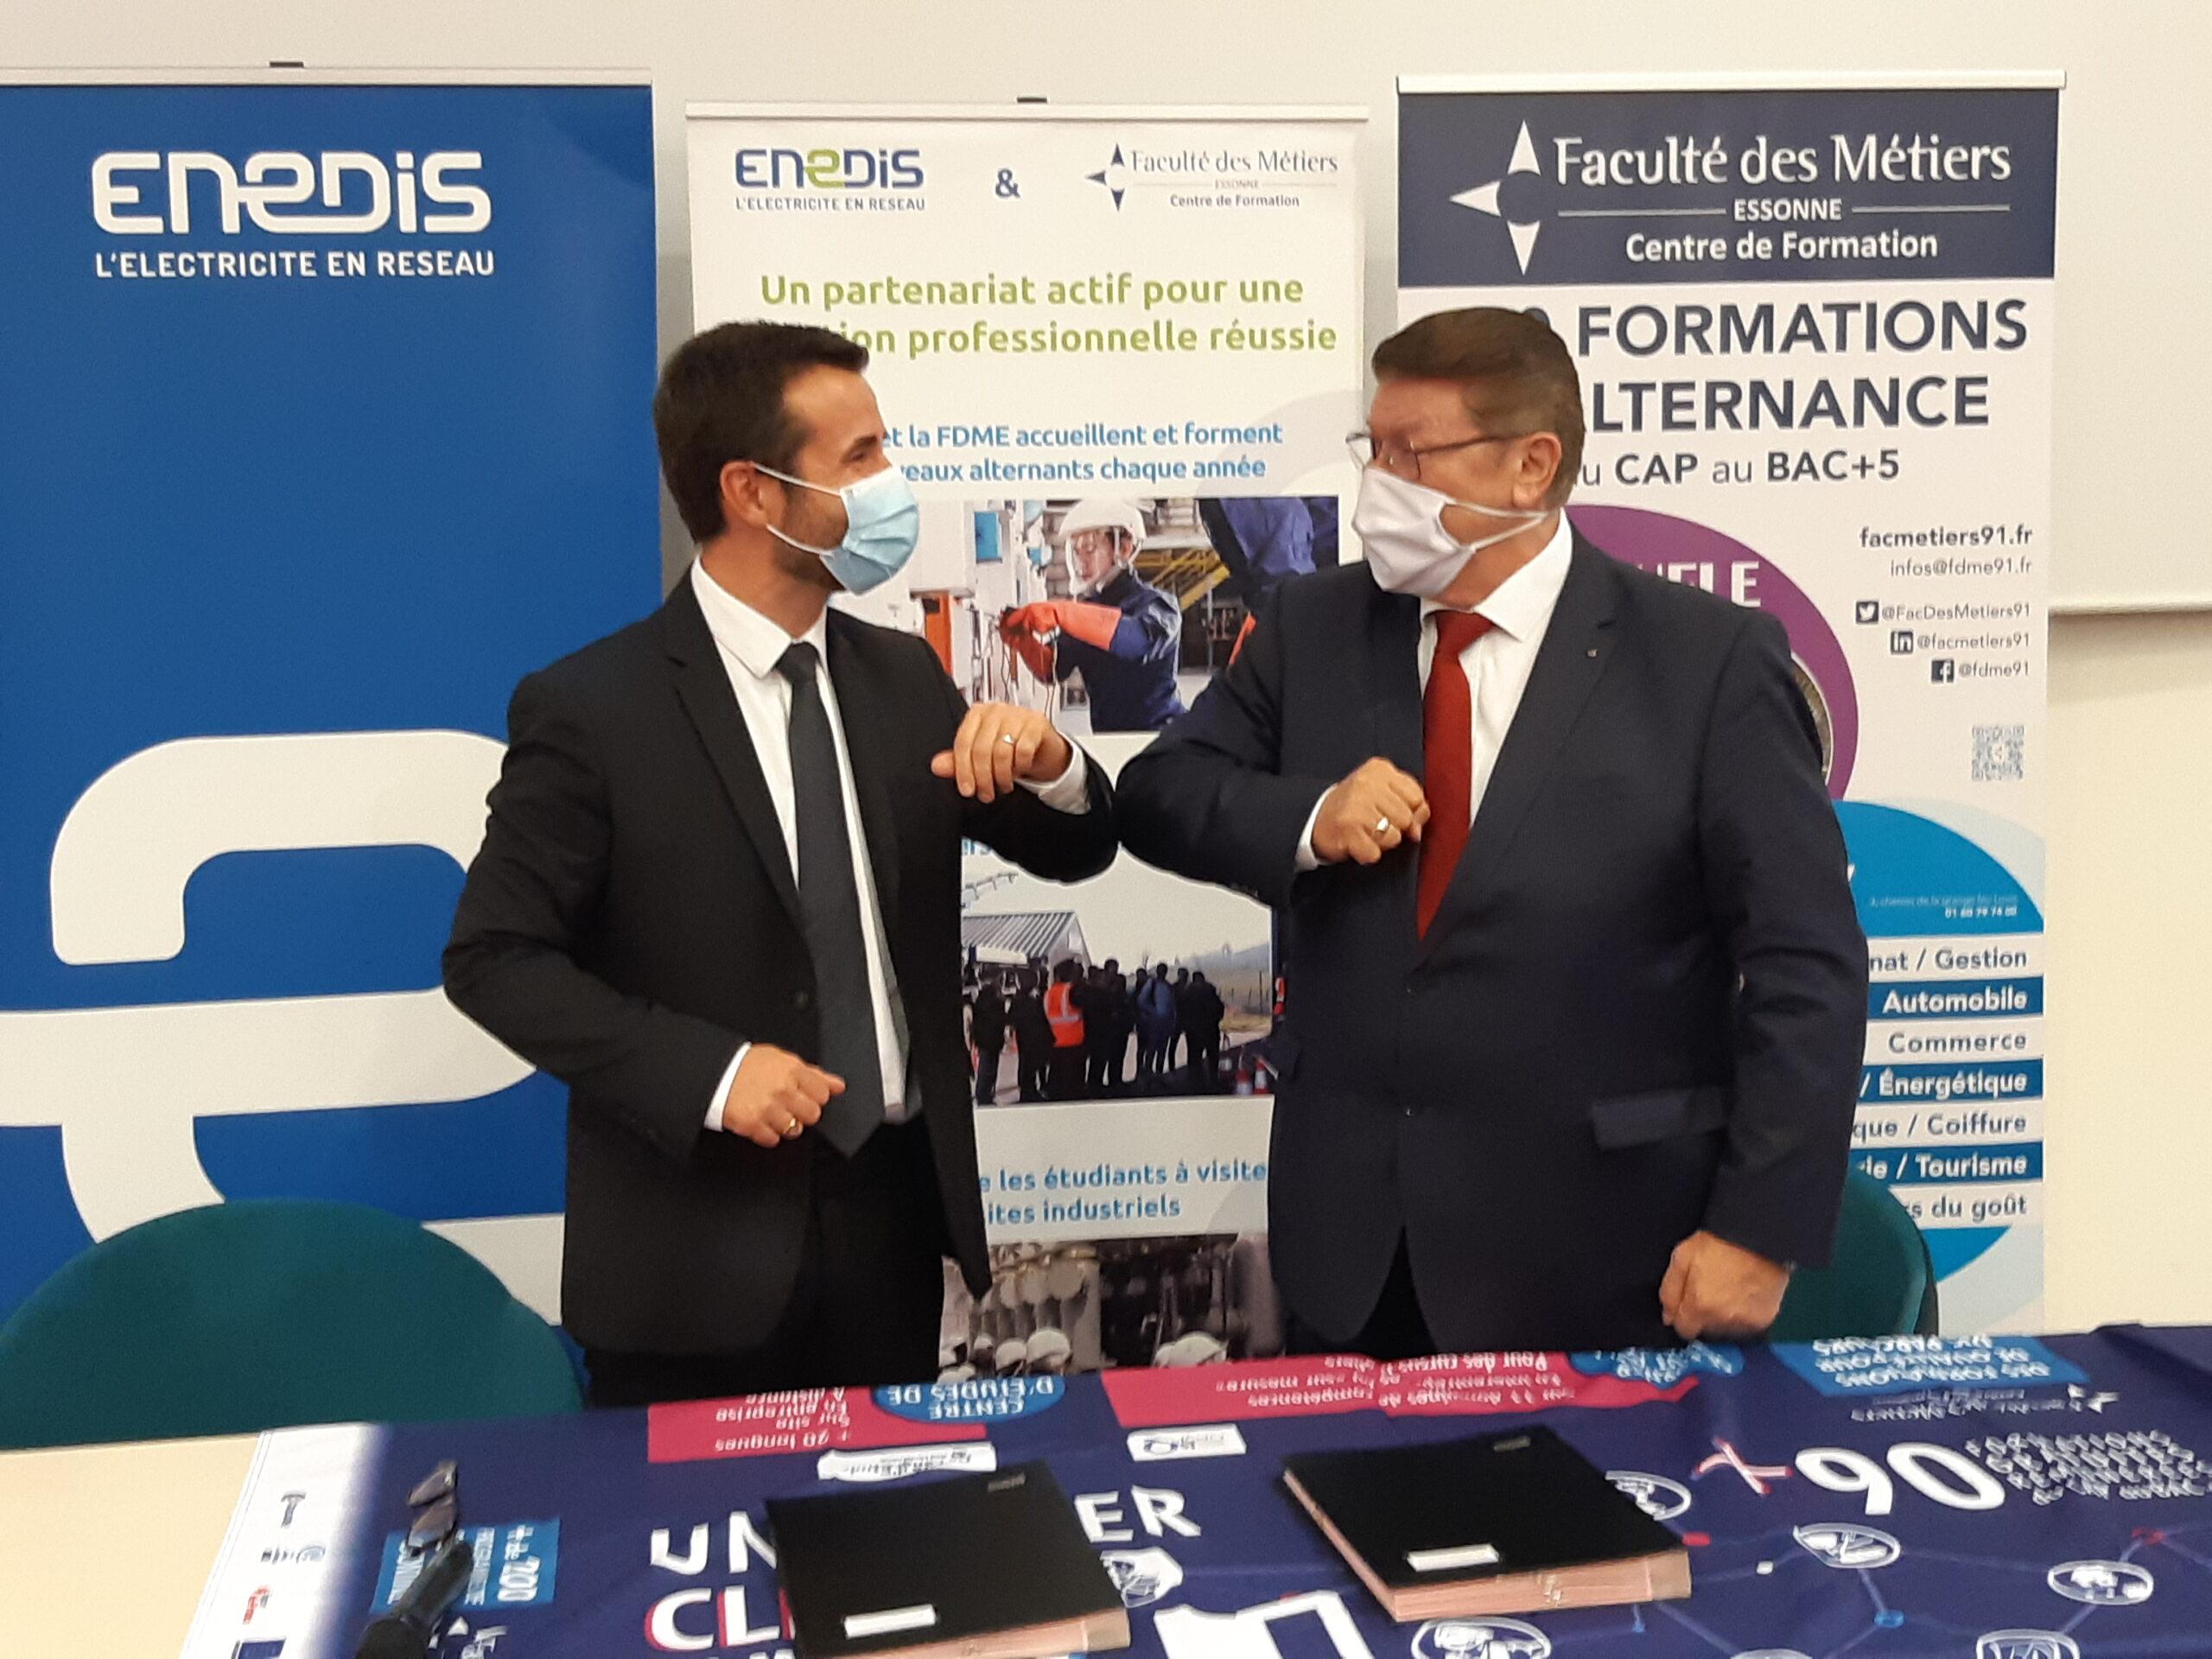 Renouvellement de convention de partenariat avec ENEDIS